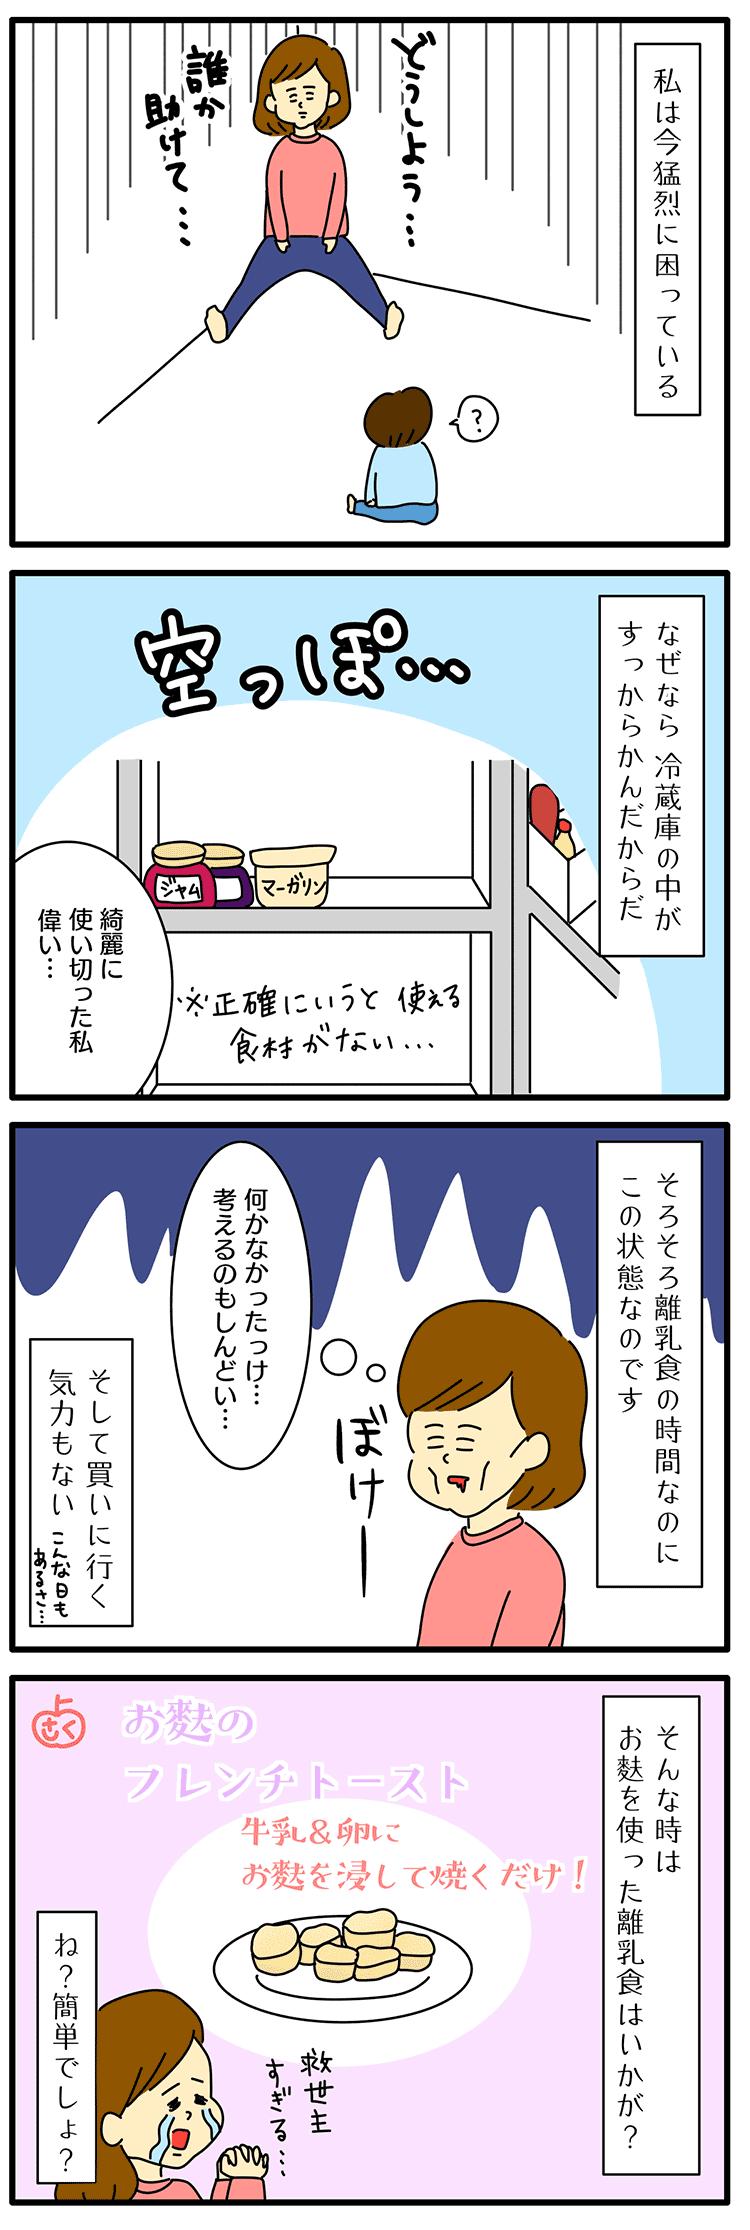 離乳食の麩についての永岡さくら(saku)子育て4コマ漫画